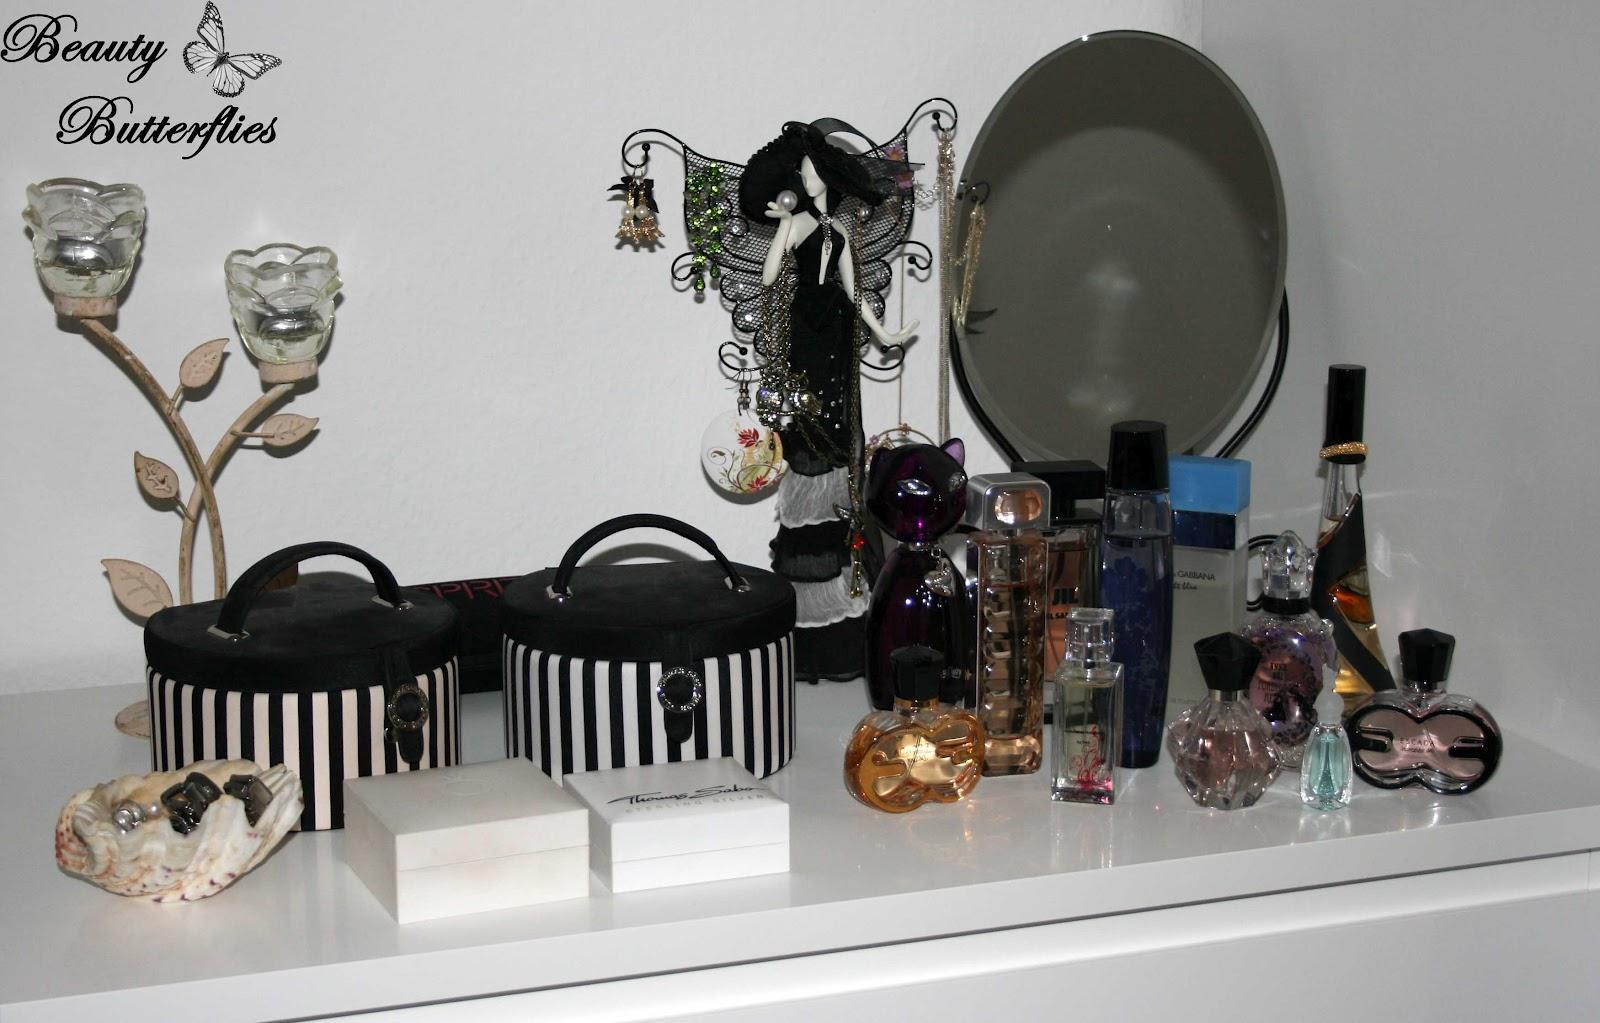 Deko tipp für beauty freaks teil i – parfum aufbewahrung